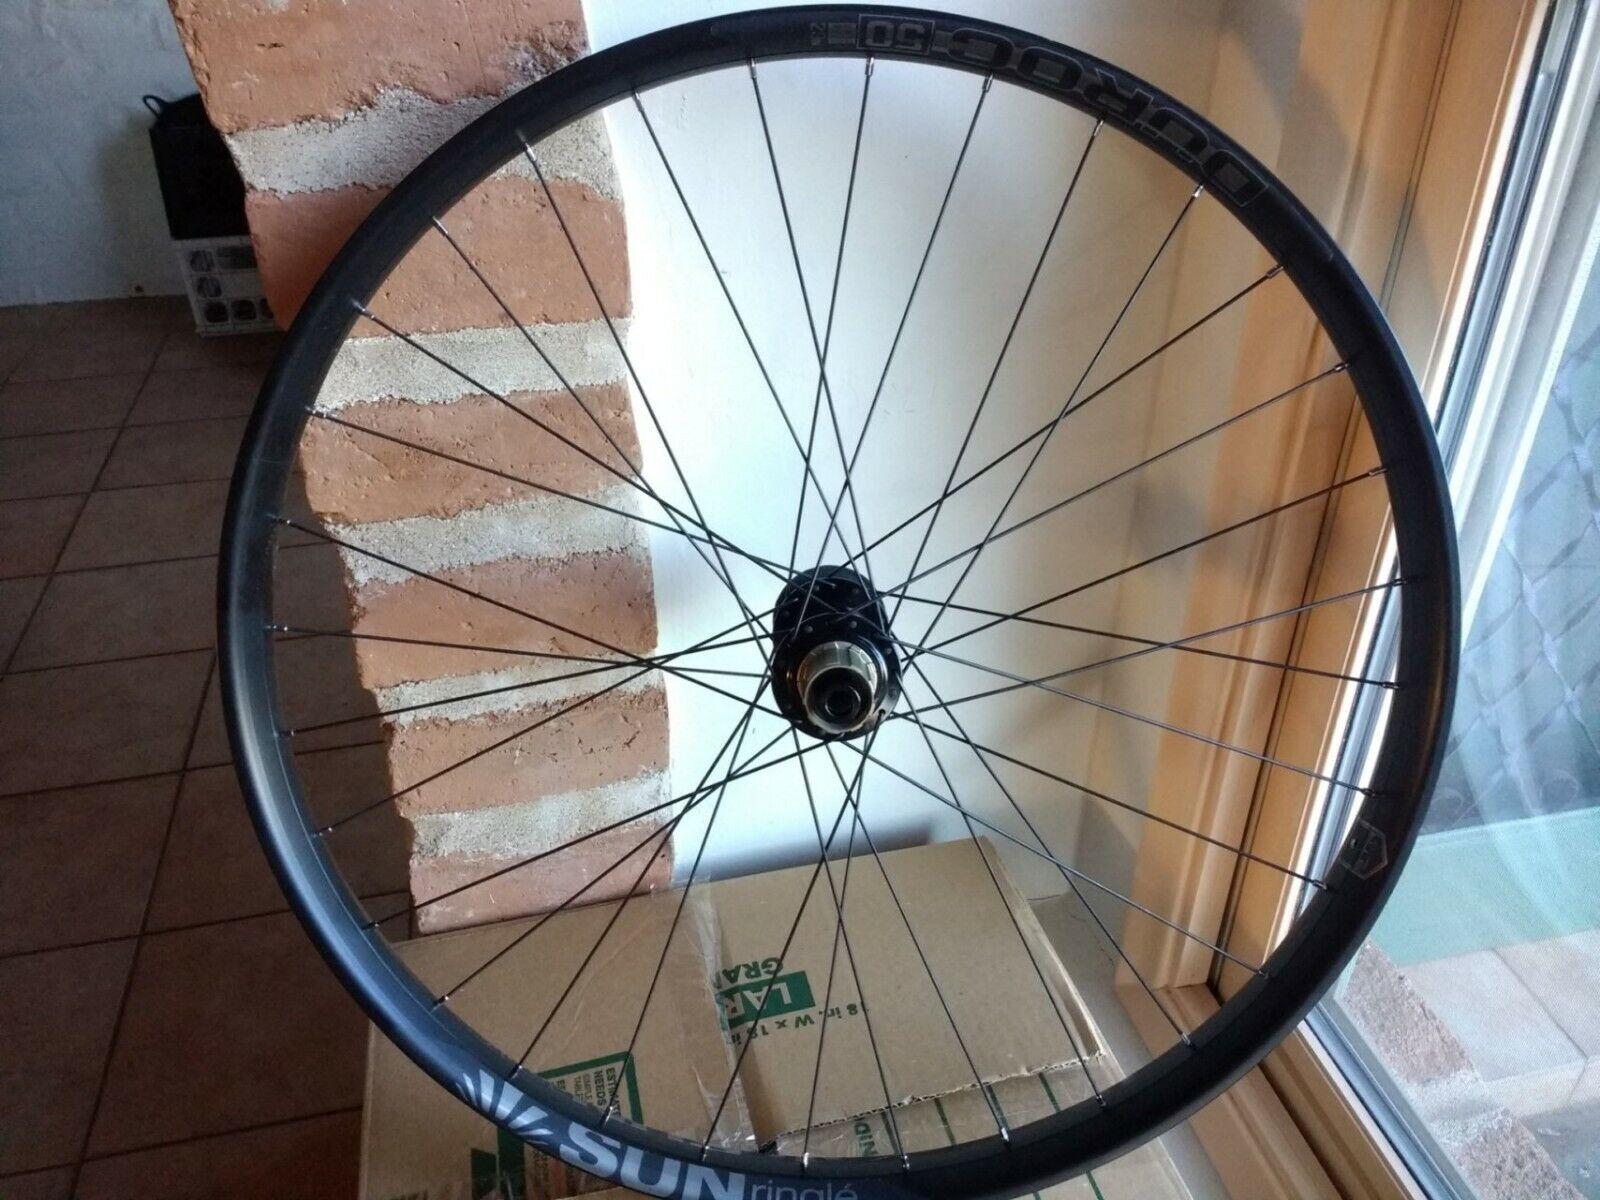 Sunringle Duroc 50 29+ 197mm Tubeless Ready Shimano Ready Rear Wheel